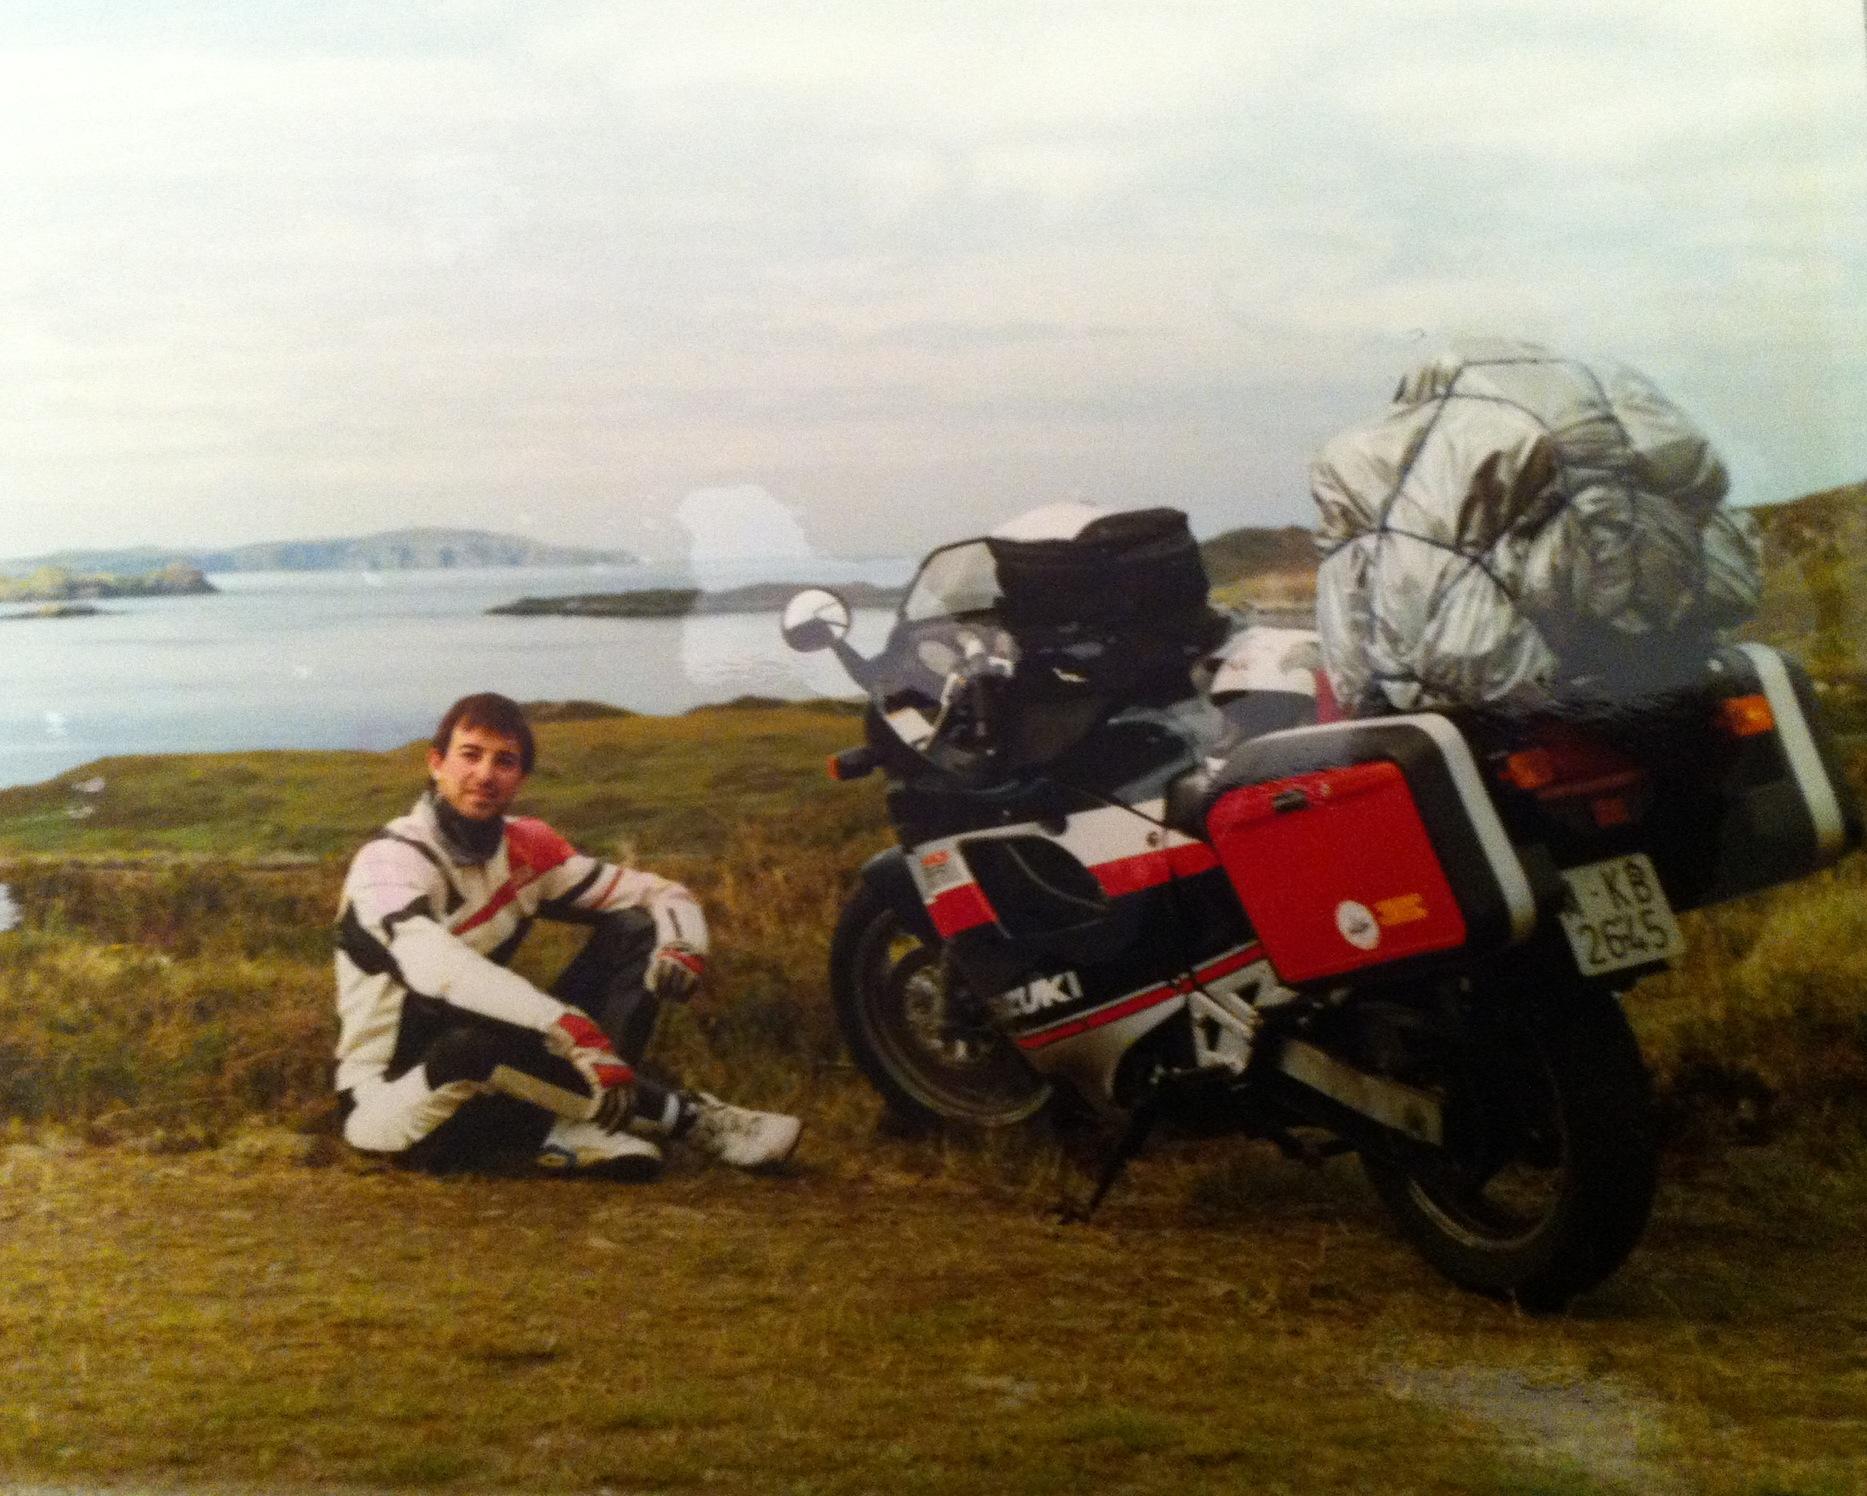 Nuestro amigo Maxi Peñaso en los Highlands allá por los 90.